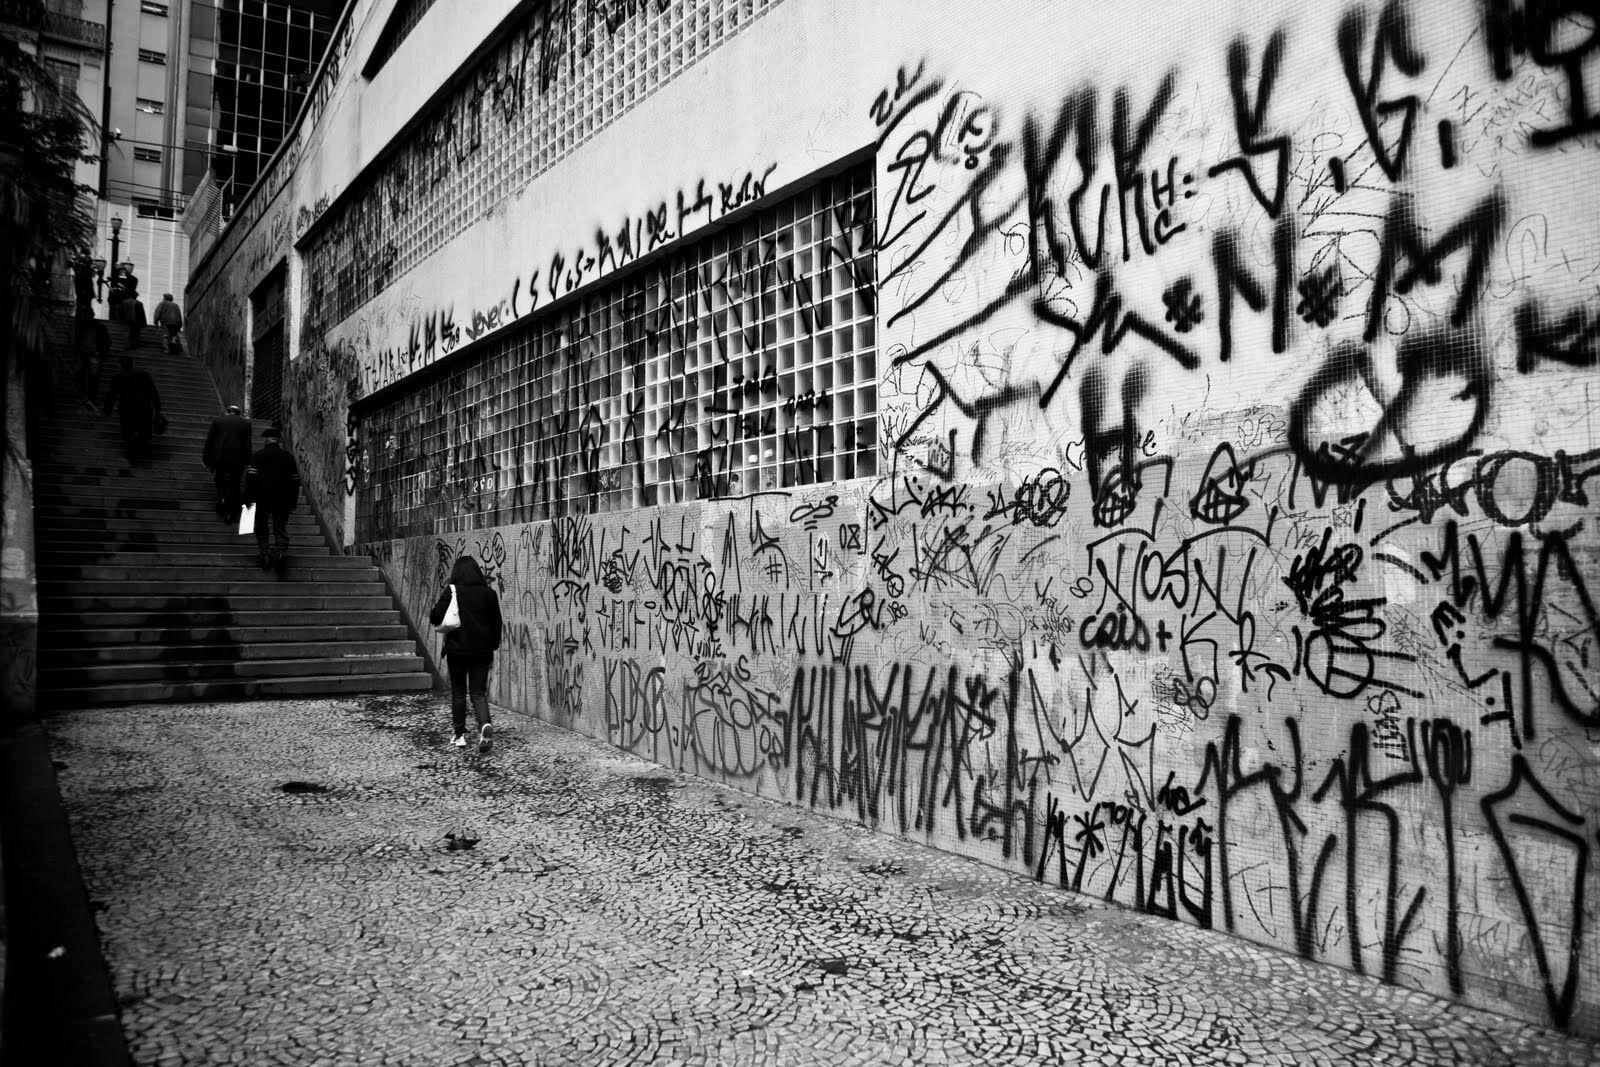 Conheça o significado oculto nas pichações feitas em muros